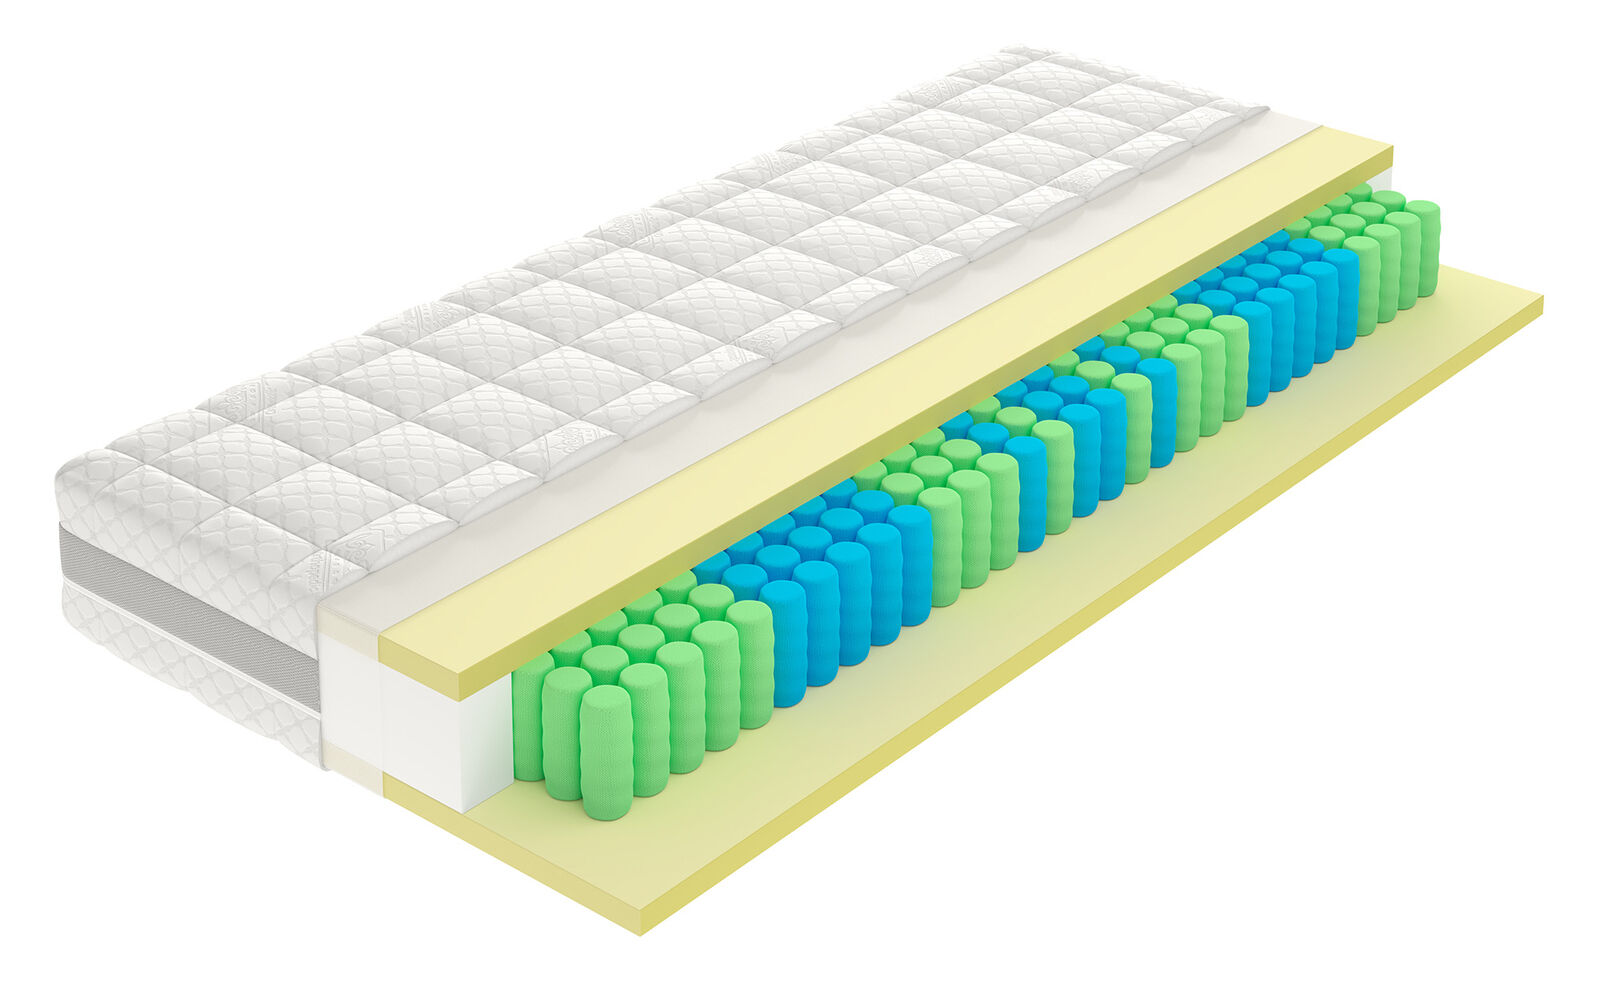 MSA Modern Latex Taschenfederkernmatratze 200 x 90cm   orthopädische Abstützung